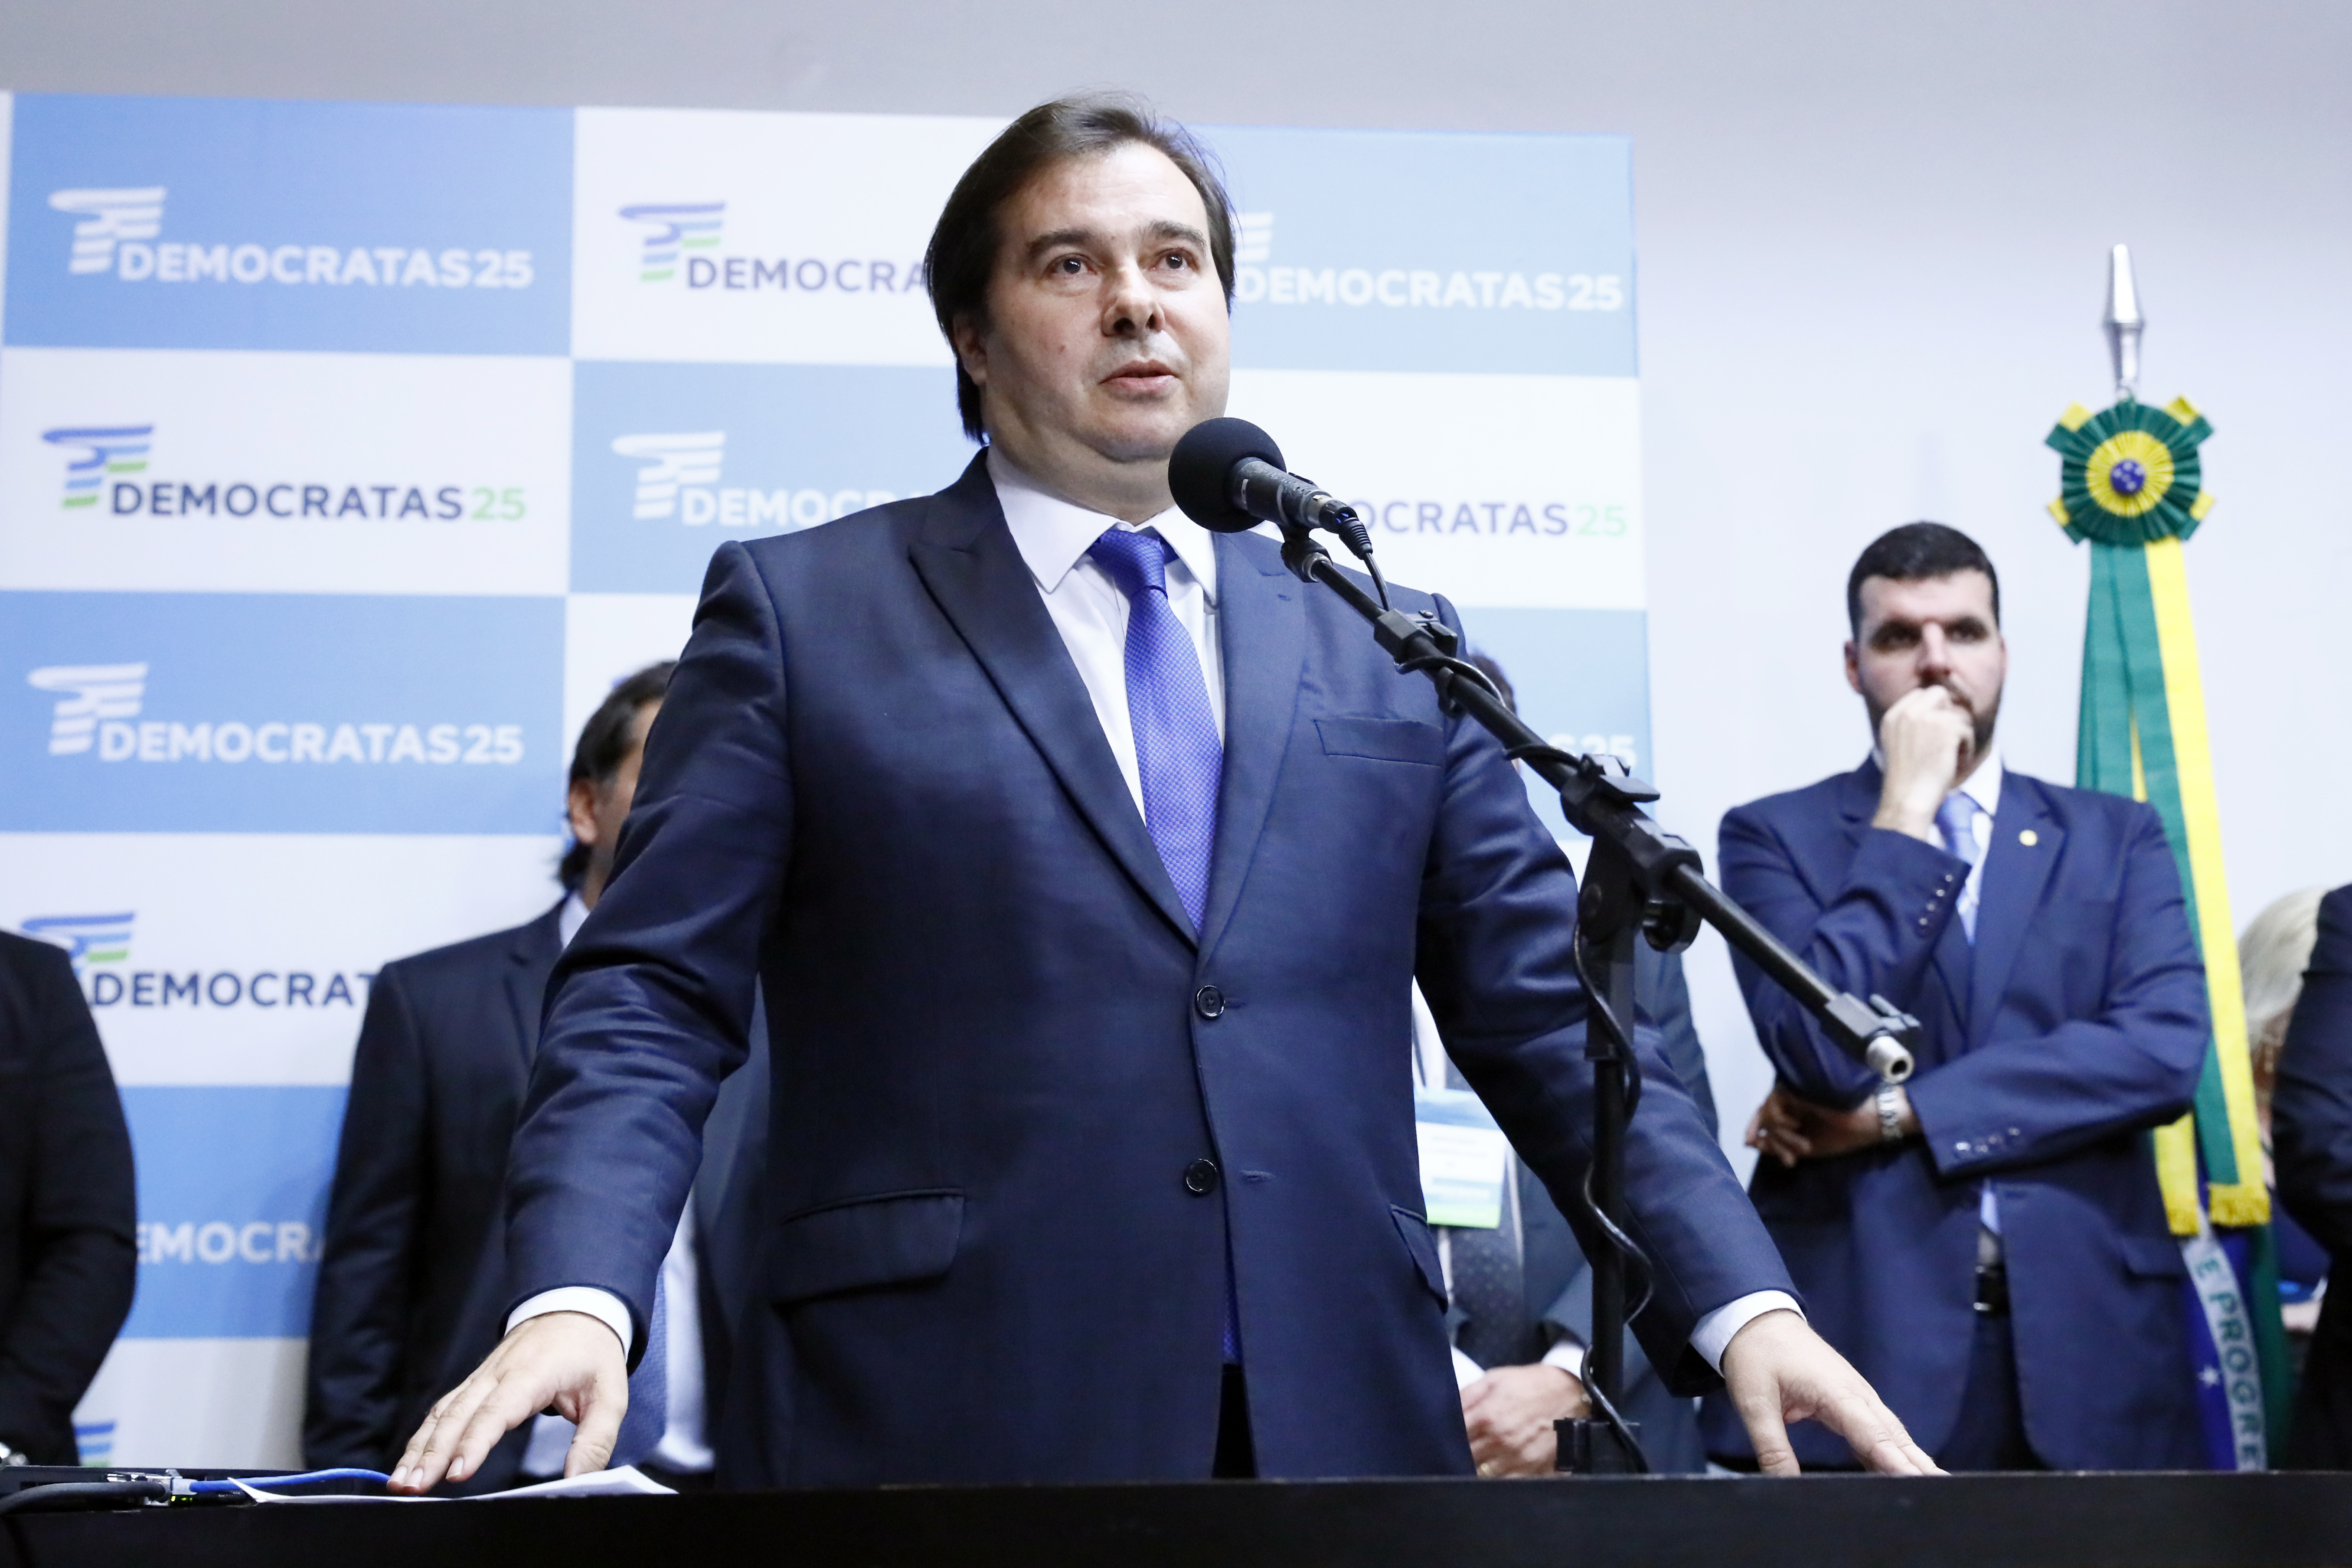 Convenção Nacional do Democratas. Presidente da Câmara, dep. Rodrigo Maia (DEM-RJ)